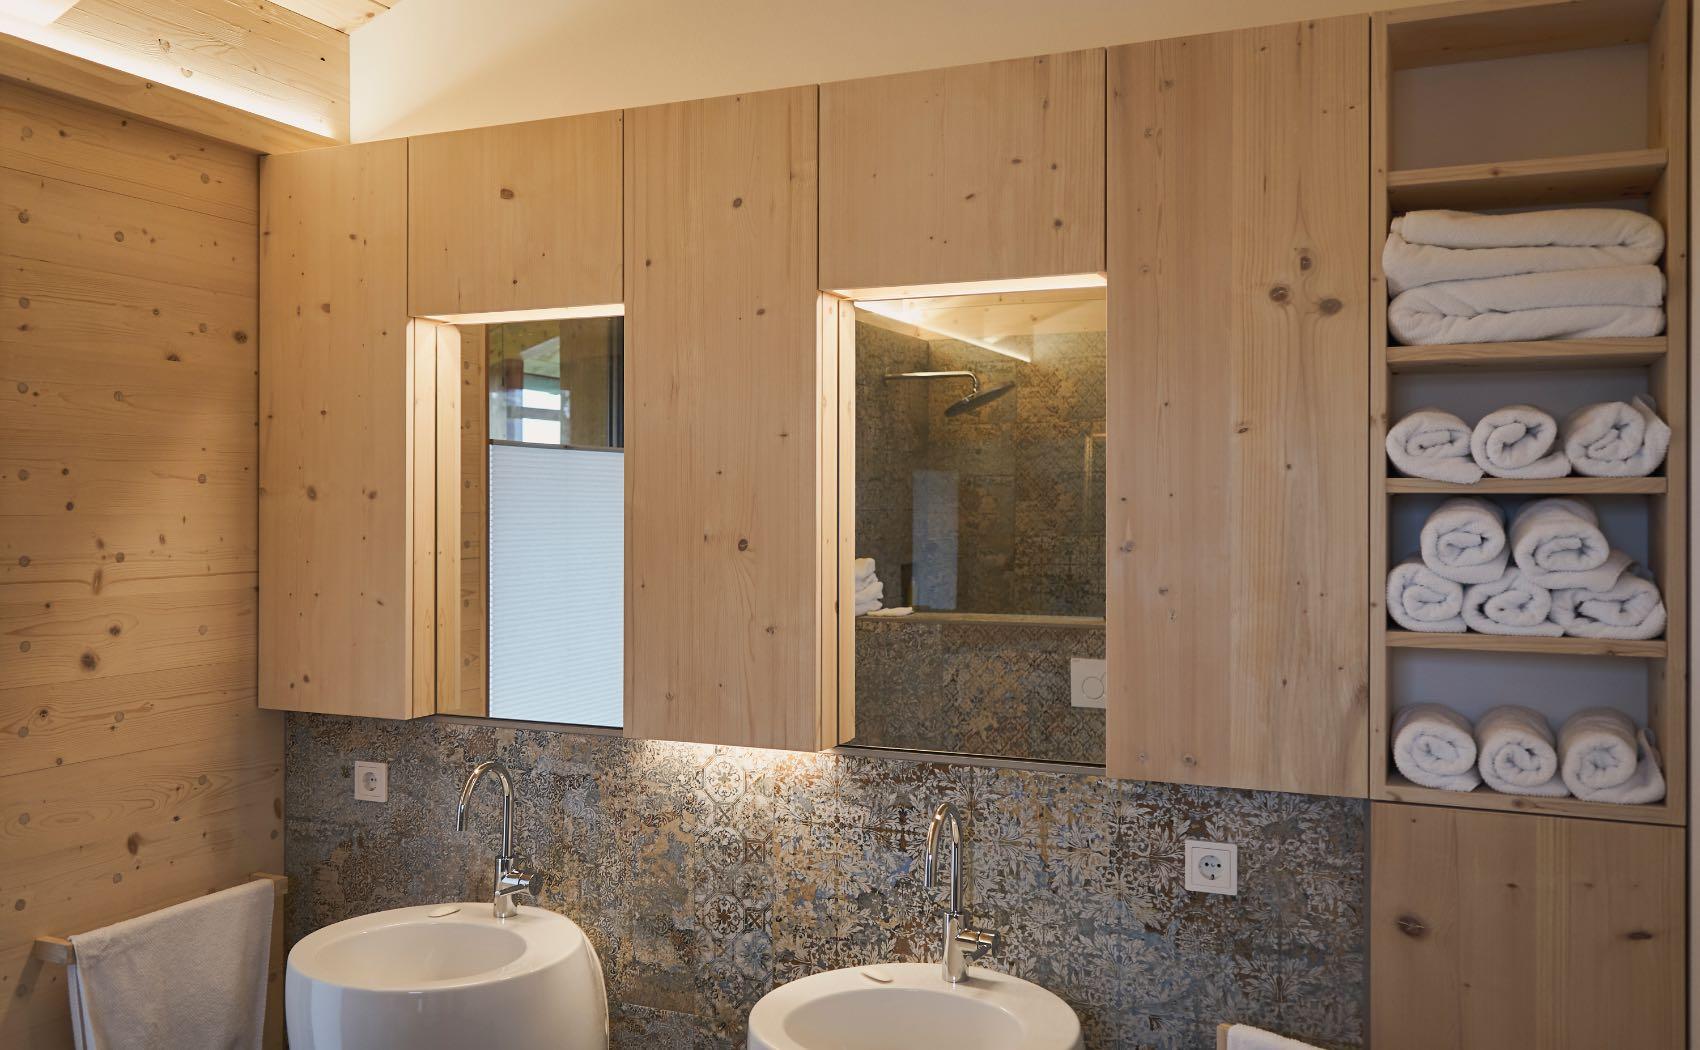 Schränke mit integrierter Beleuchtung im Badezimmer